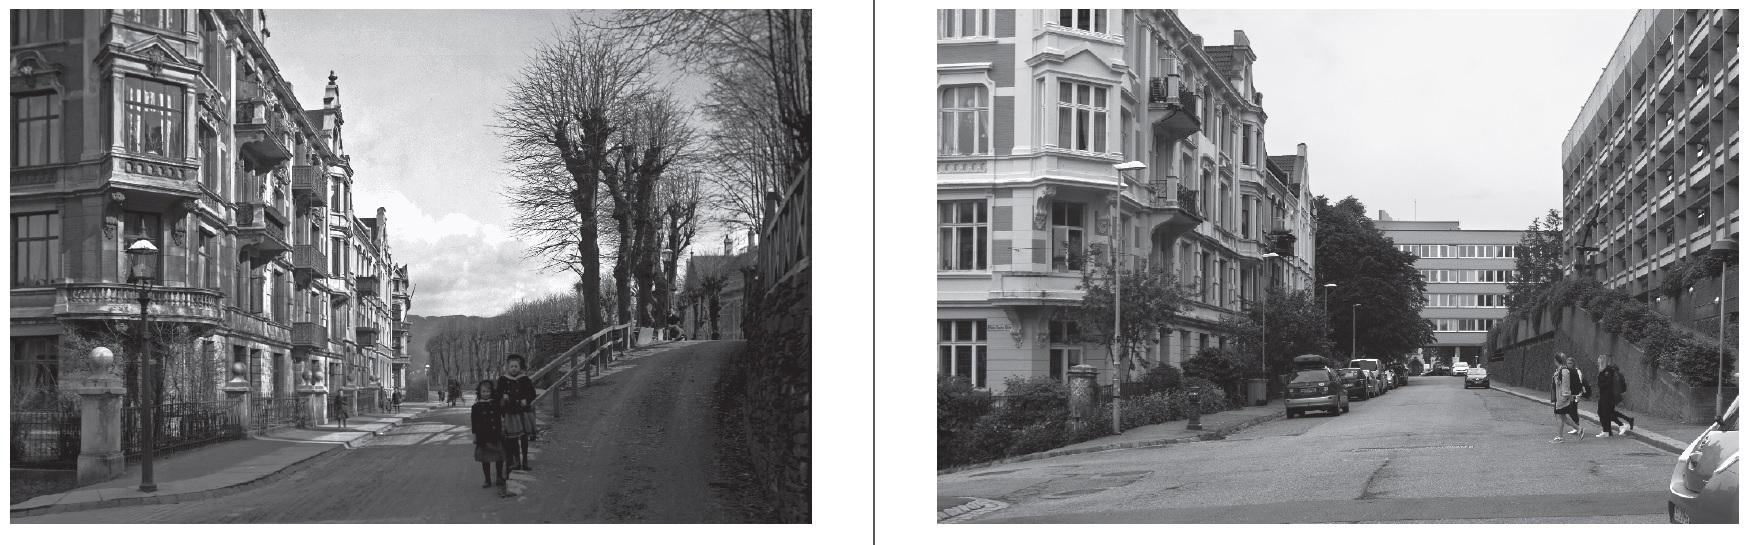 Bergen Sample3